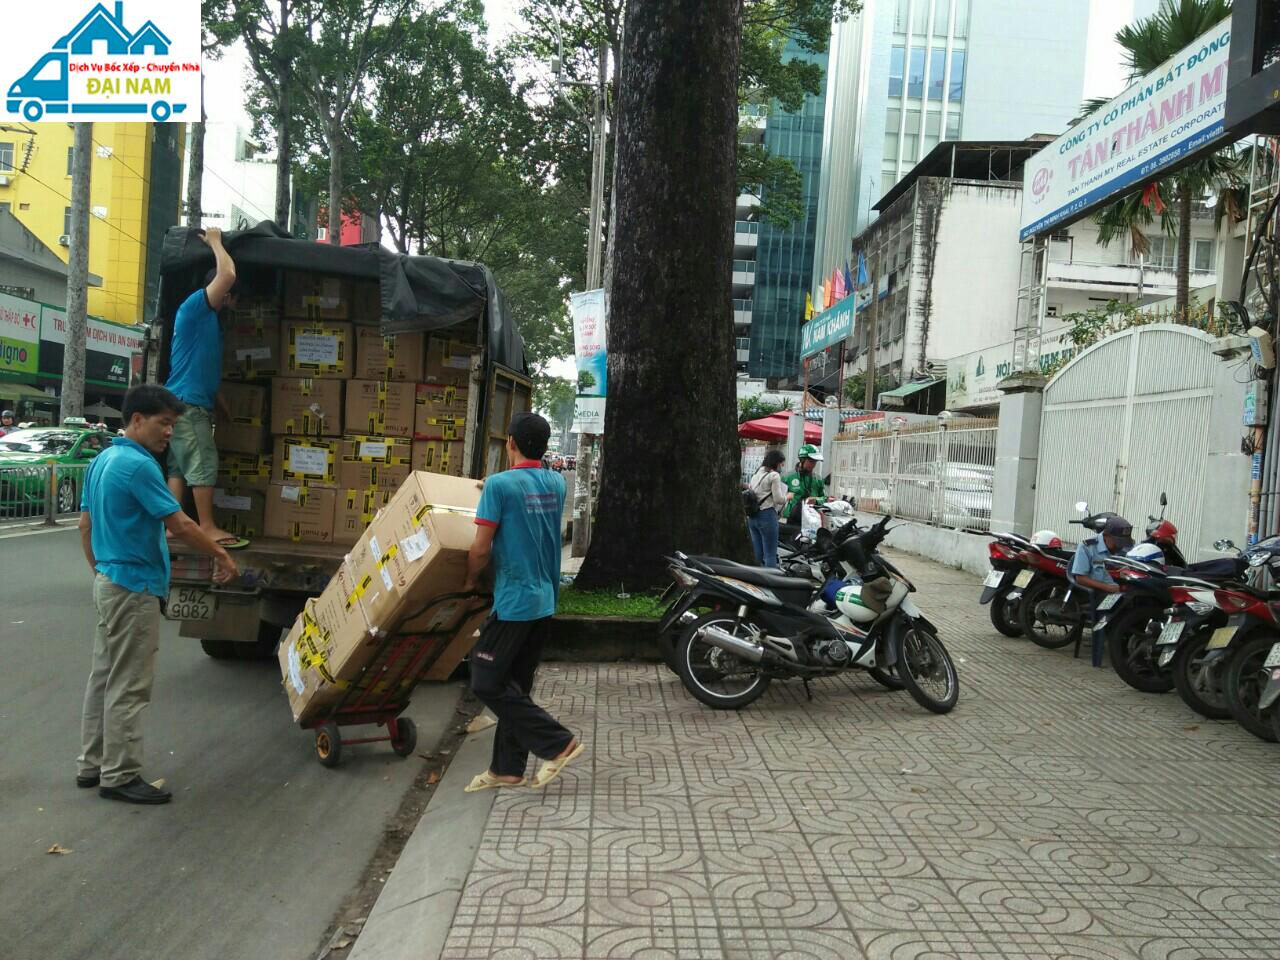 Dịch vụ chuyển nhà quận 12 trọn gói giá rẻ nhanh chóng